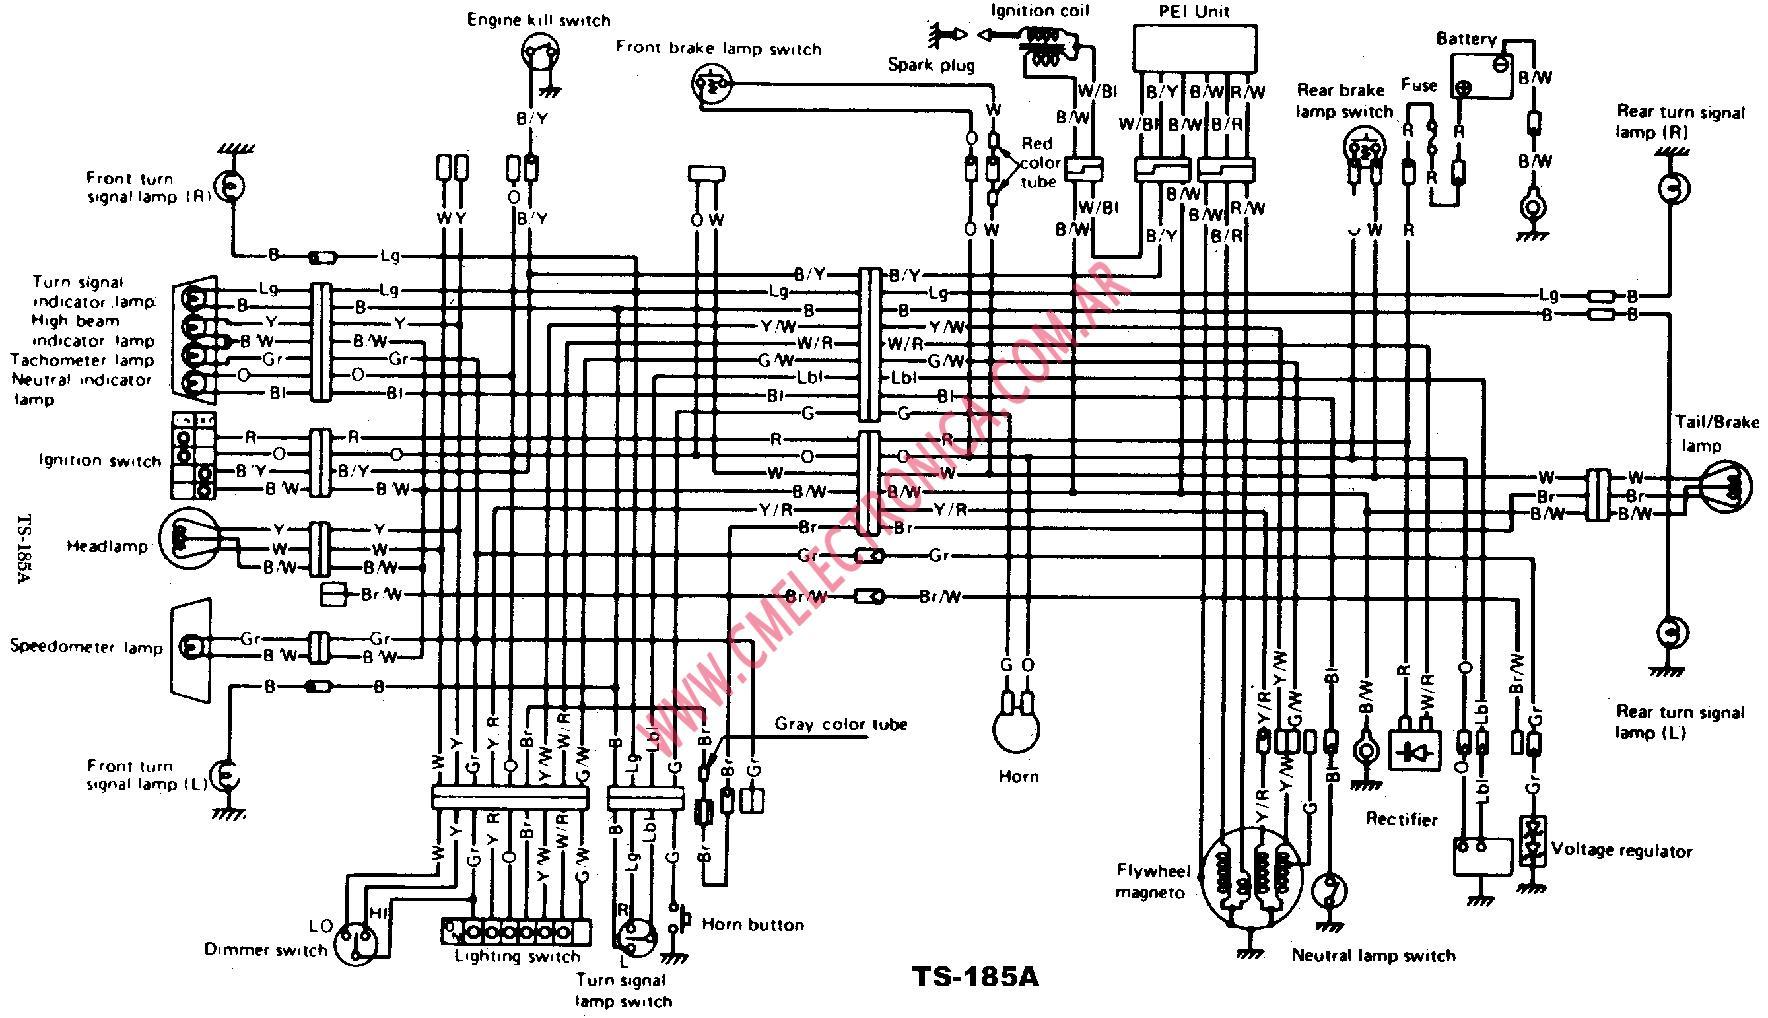 250a 159 69 3 193 2003 suzuki aerio wiring diagram | #digital~resources#  digital~resources